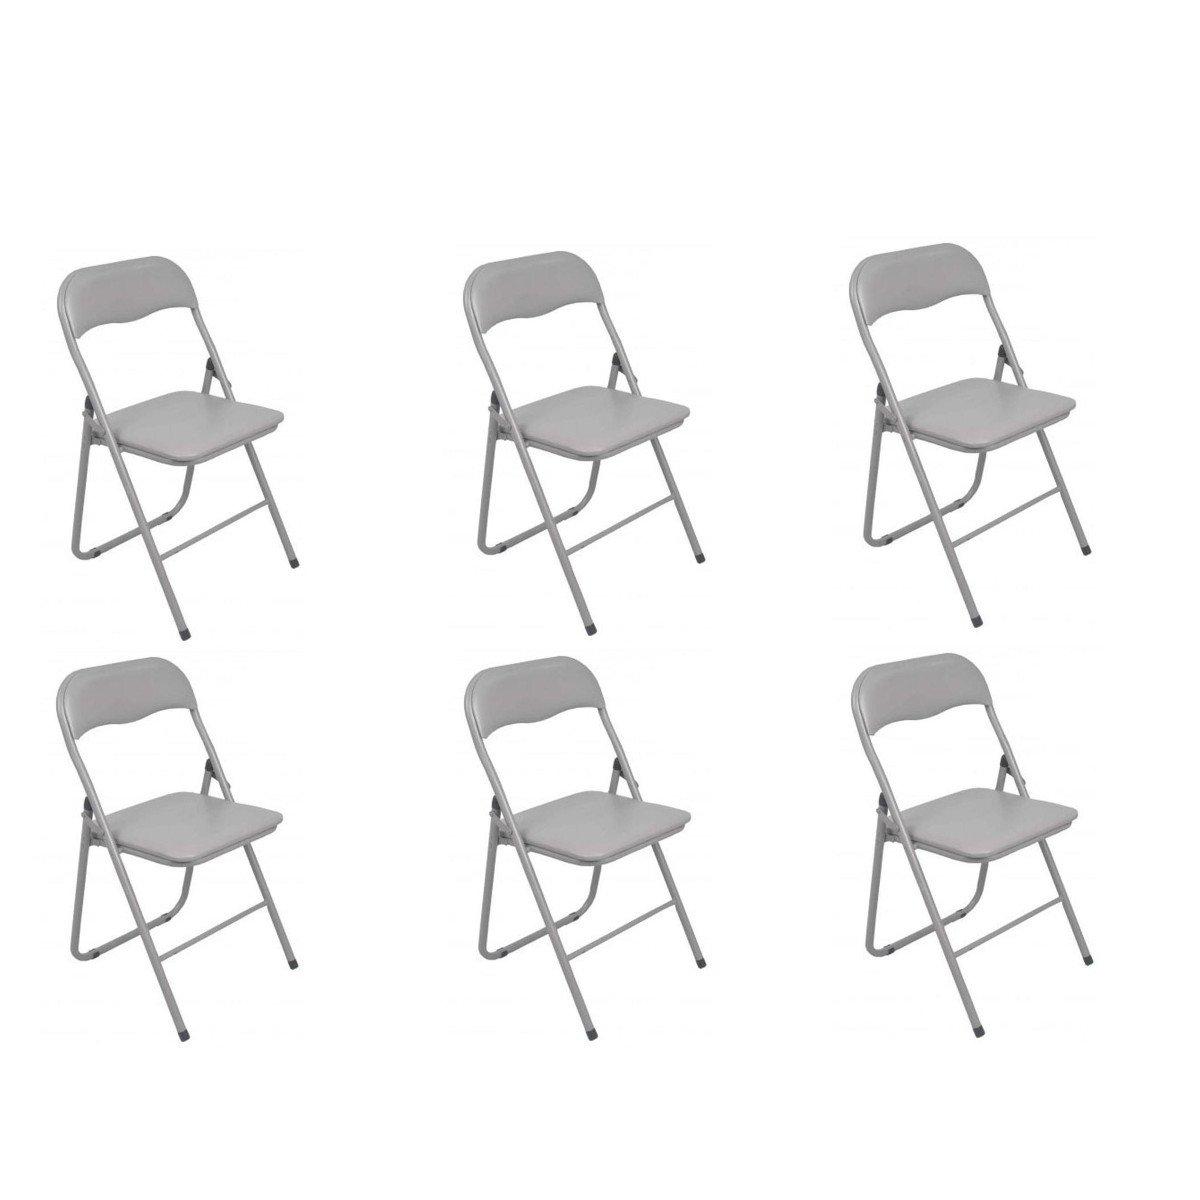 Atmosphé ra Lot de 6 chaises Pliantes Grise Atmosphéra